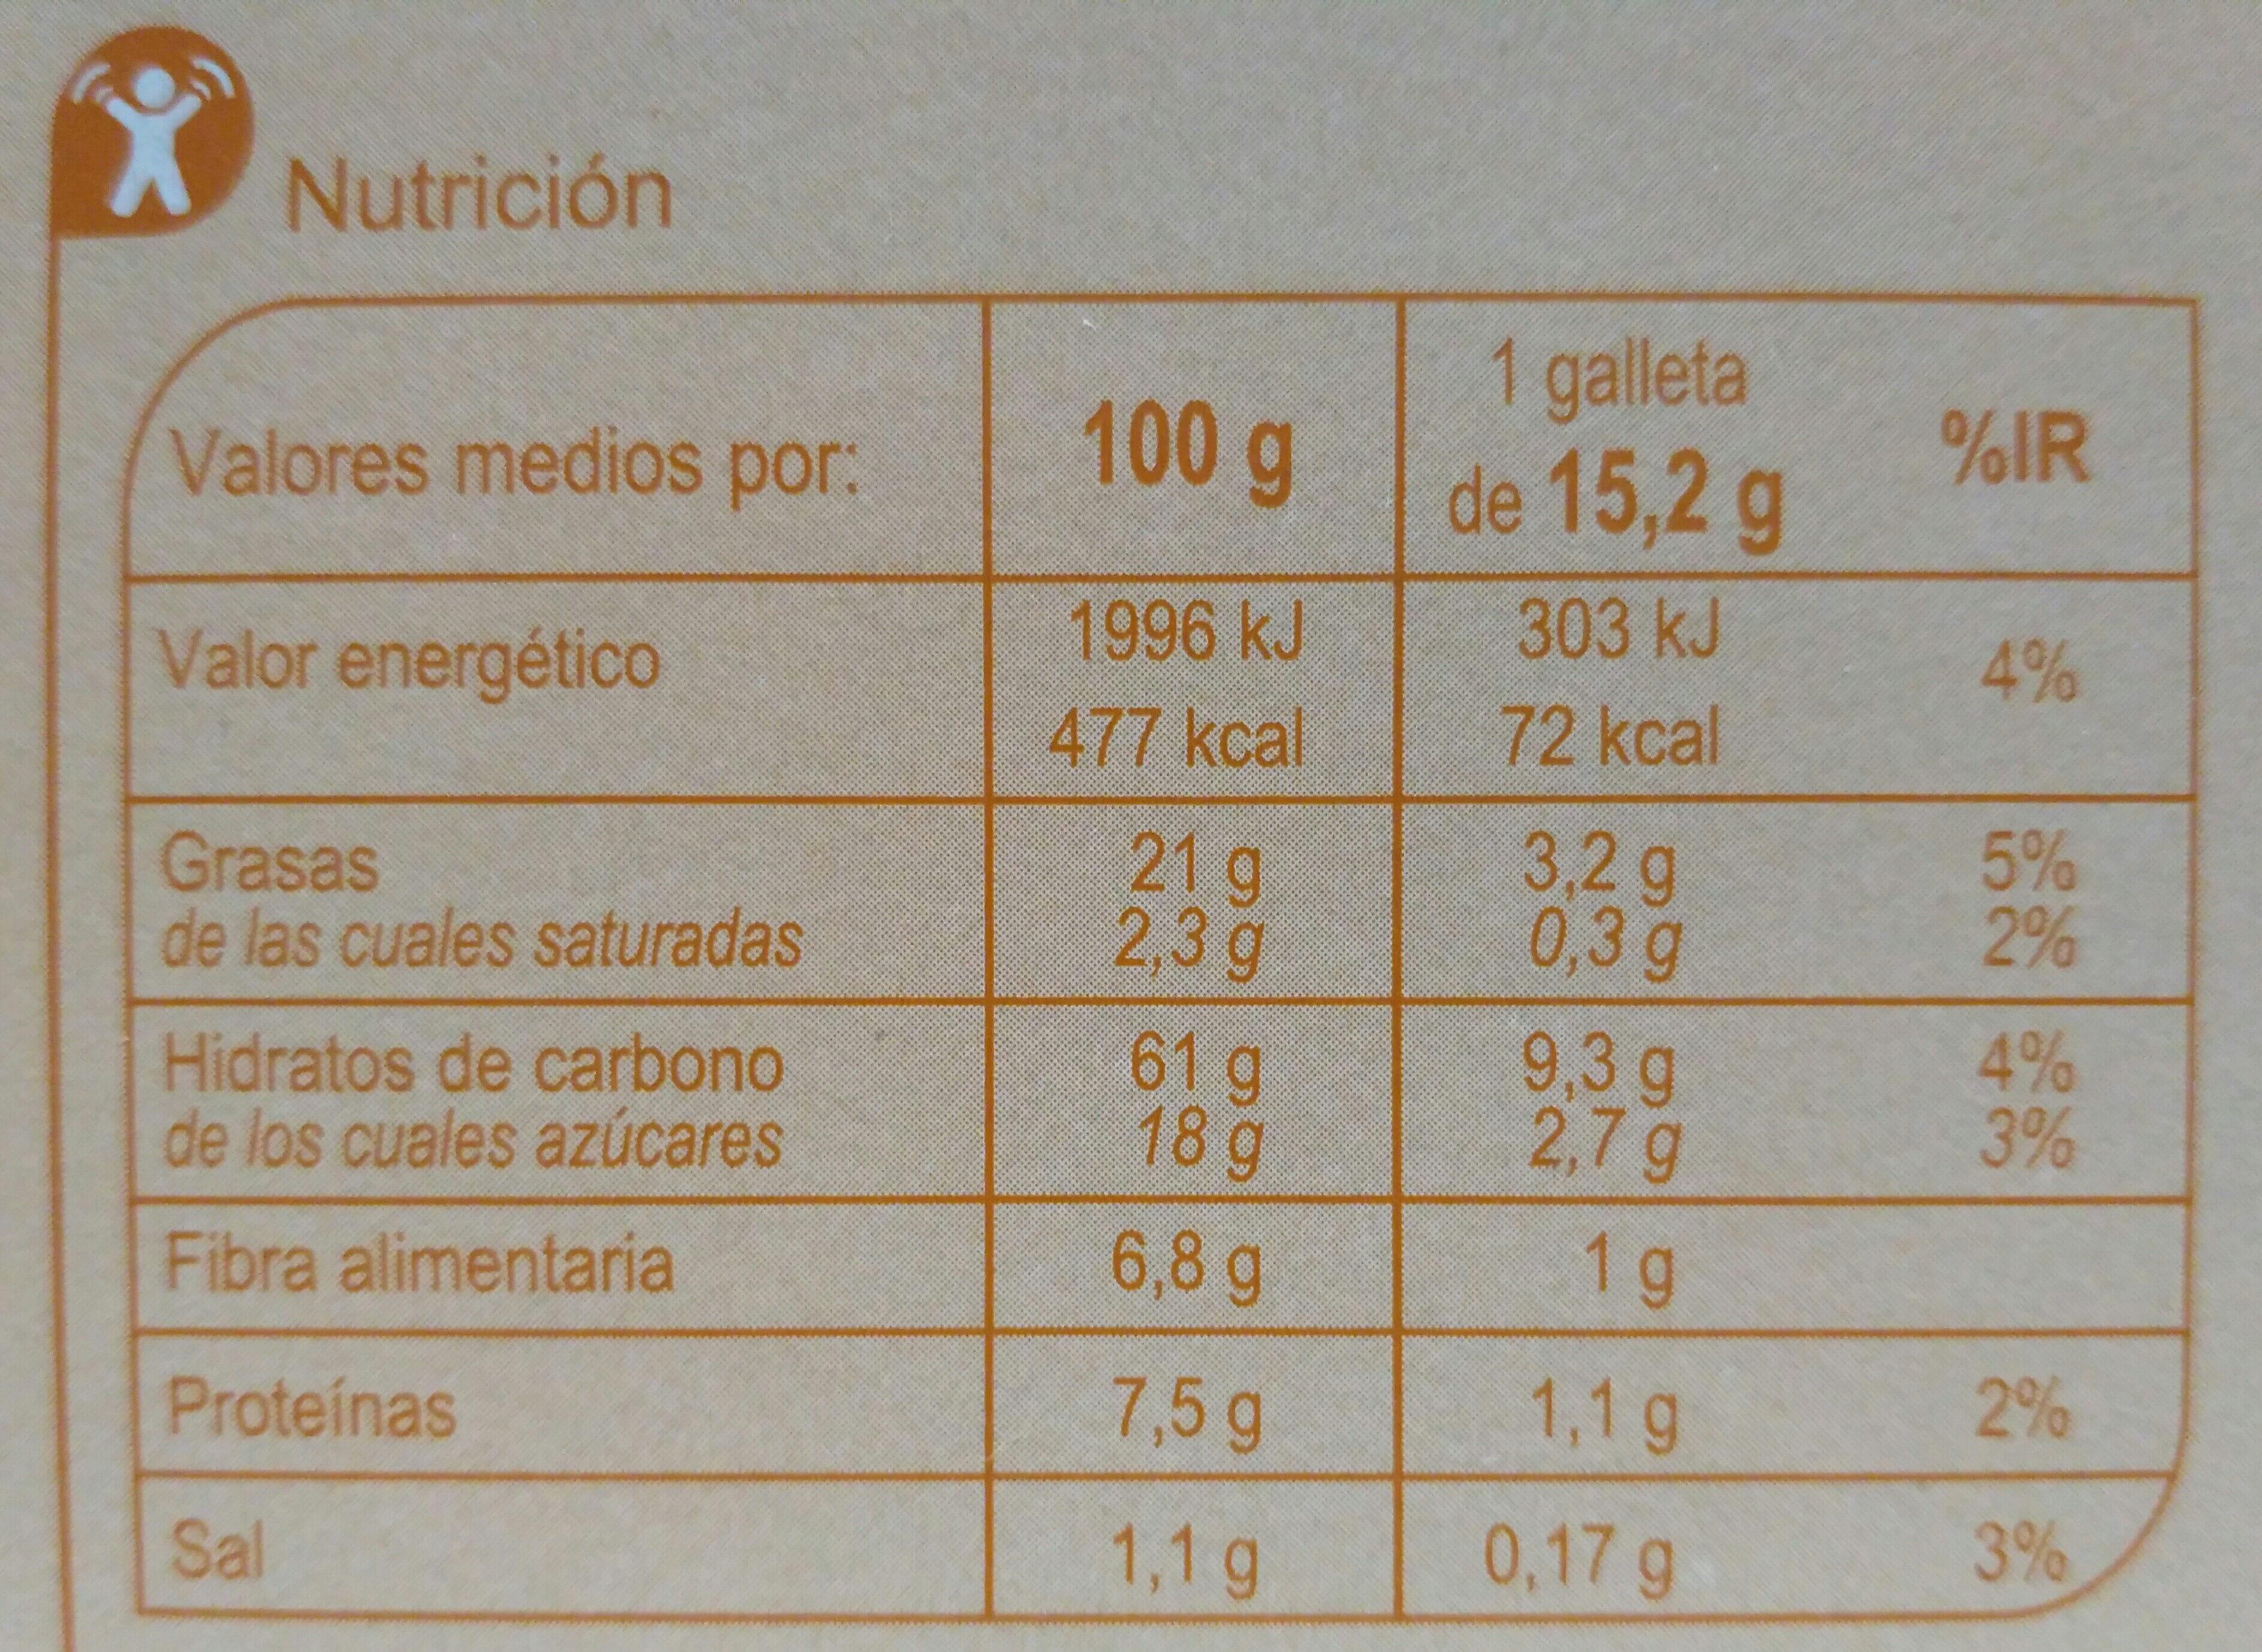 Galletas digestivo de avena - Nutrition facts - es